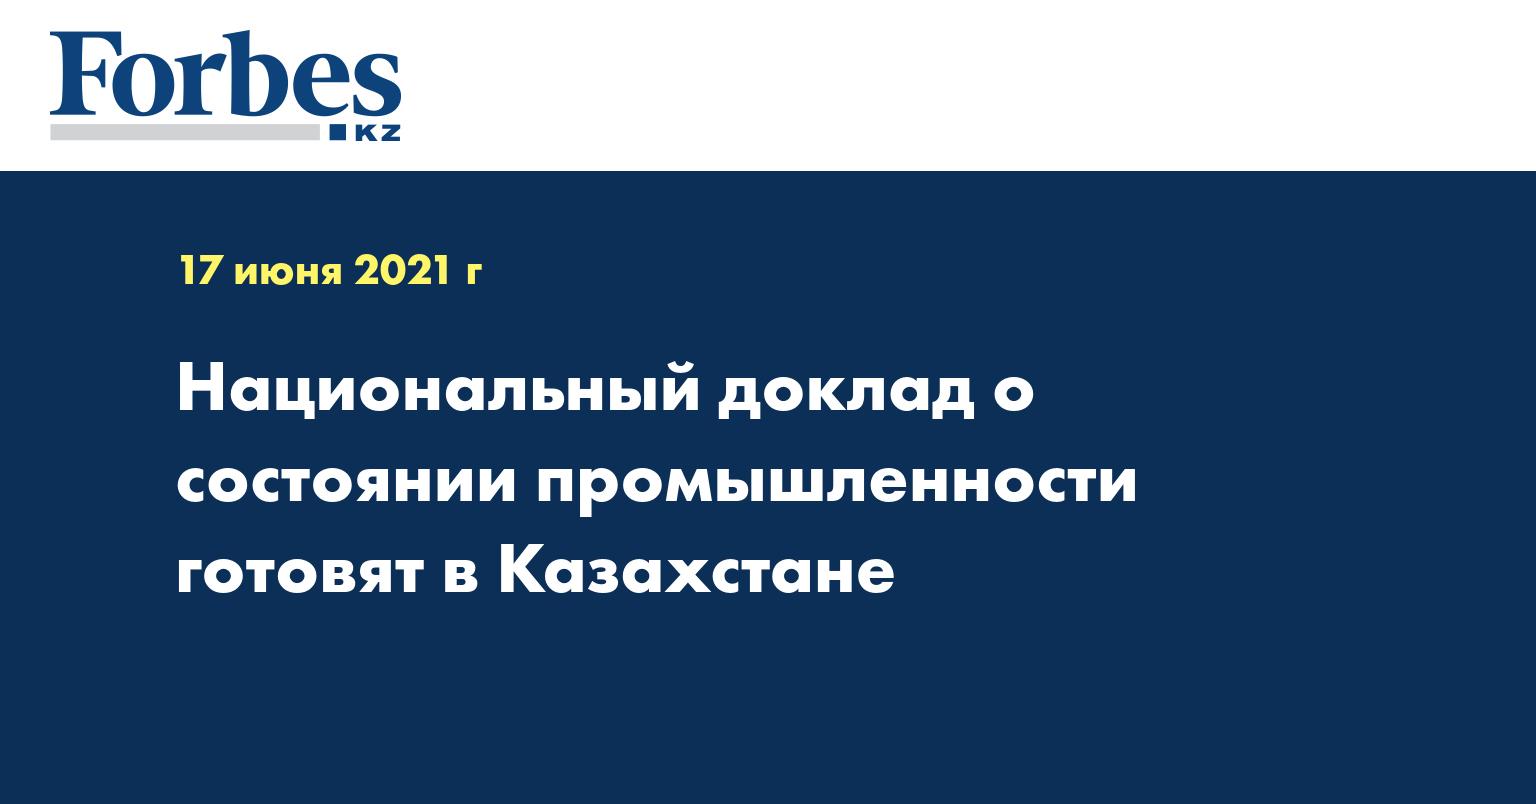 Национальный доклад о состоянии промышленности готовят в Казахстане